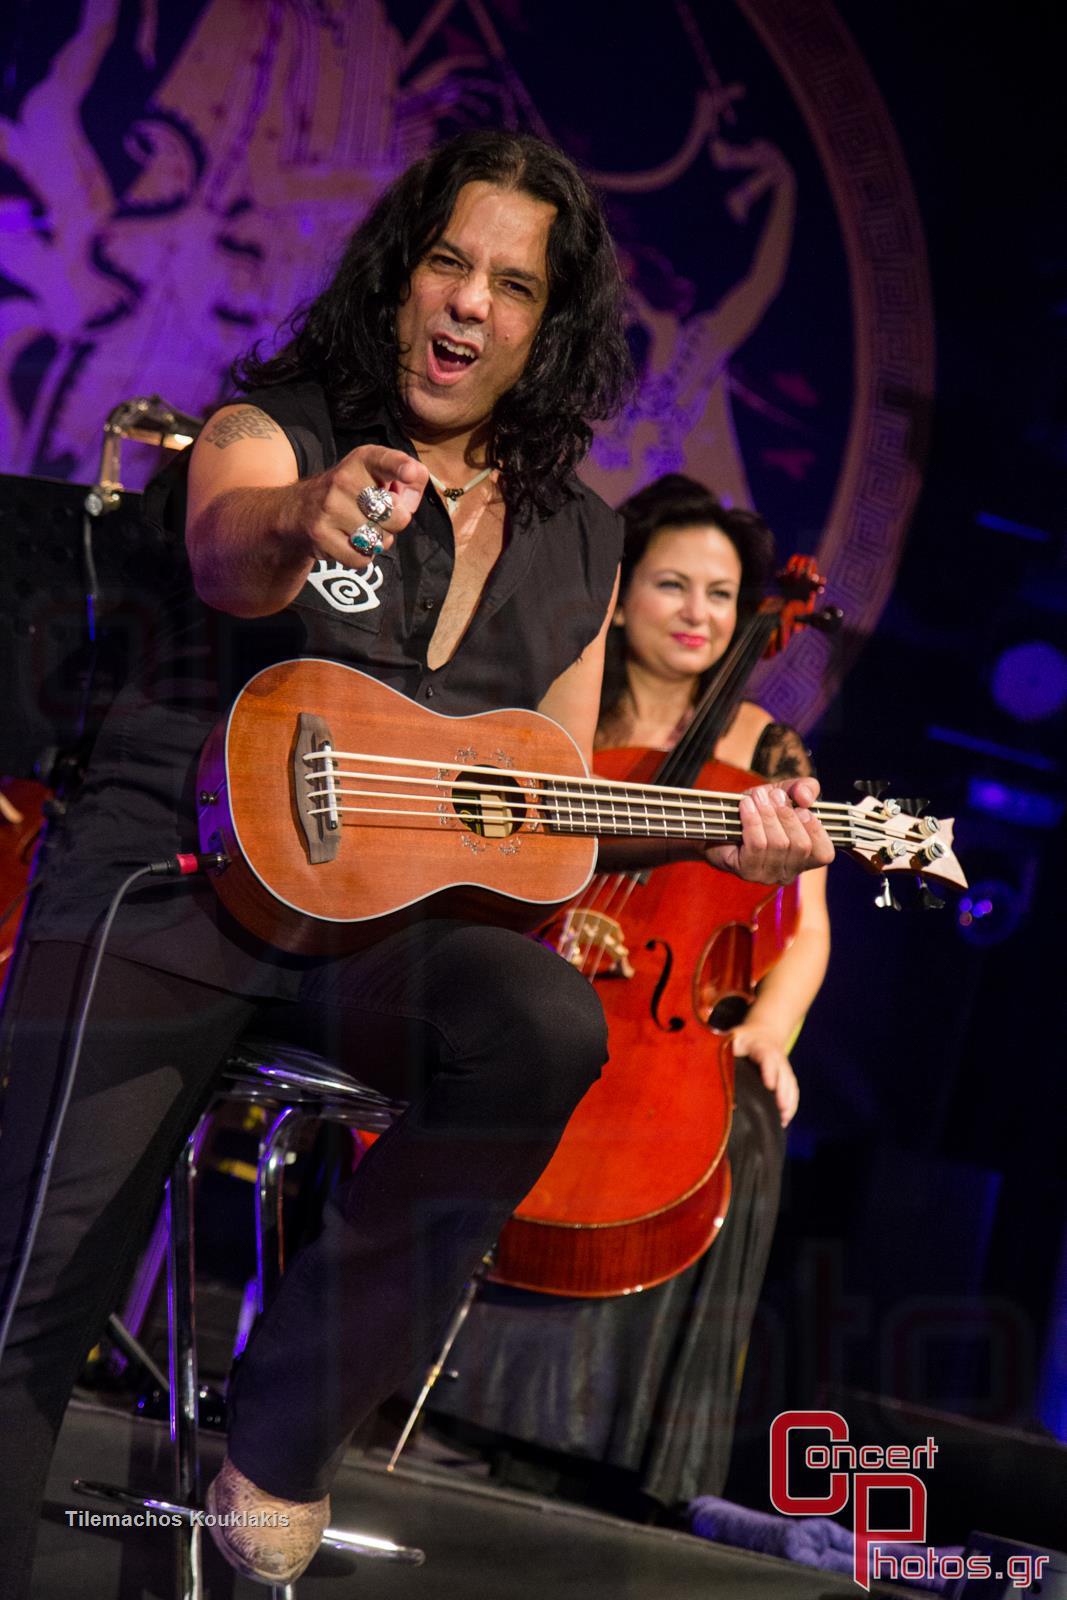 Scorpions-Scorpions photographer: Tilemachos Kouklakis - concertphotos_-6620